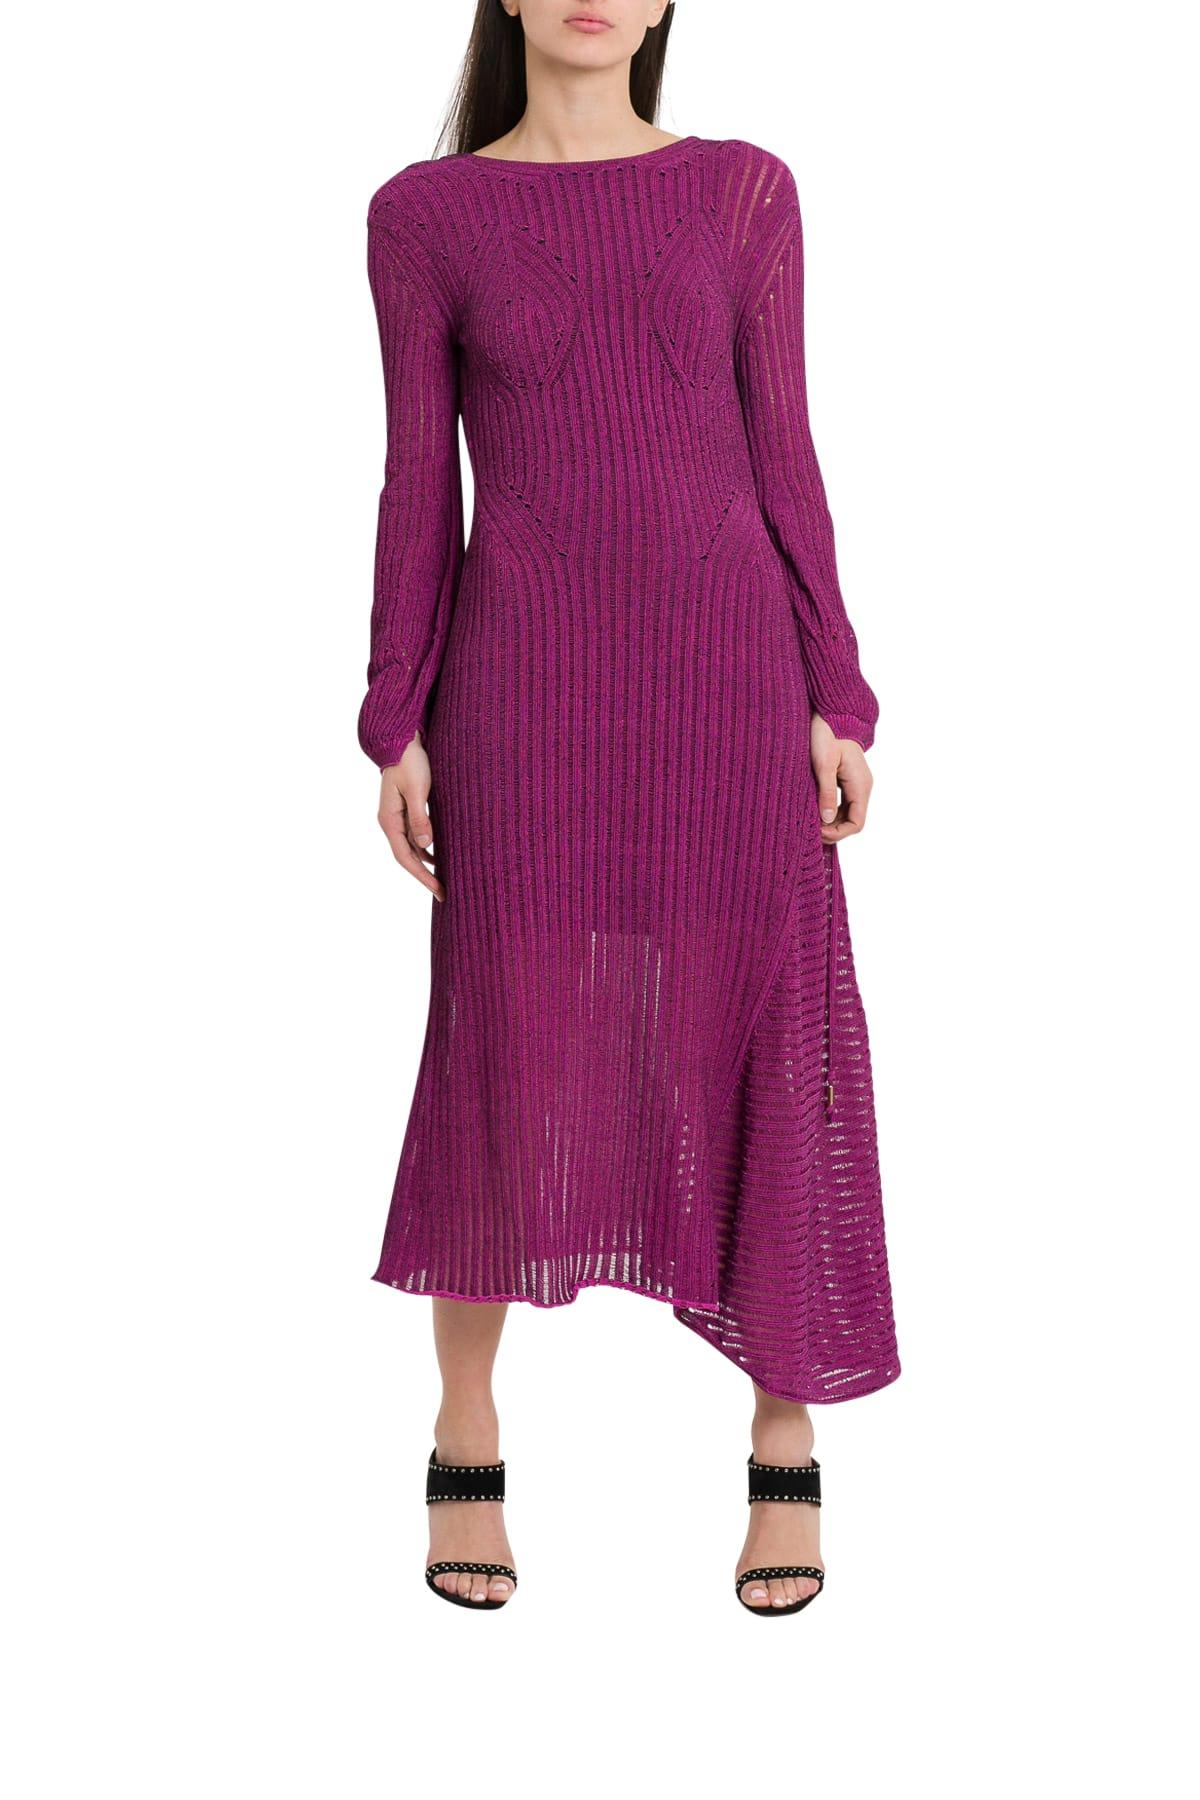 Chloé Knitten Dress With Sheer Effect